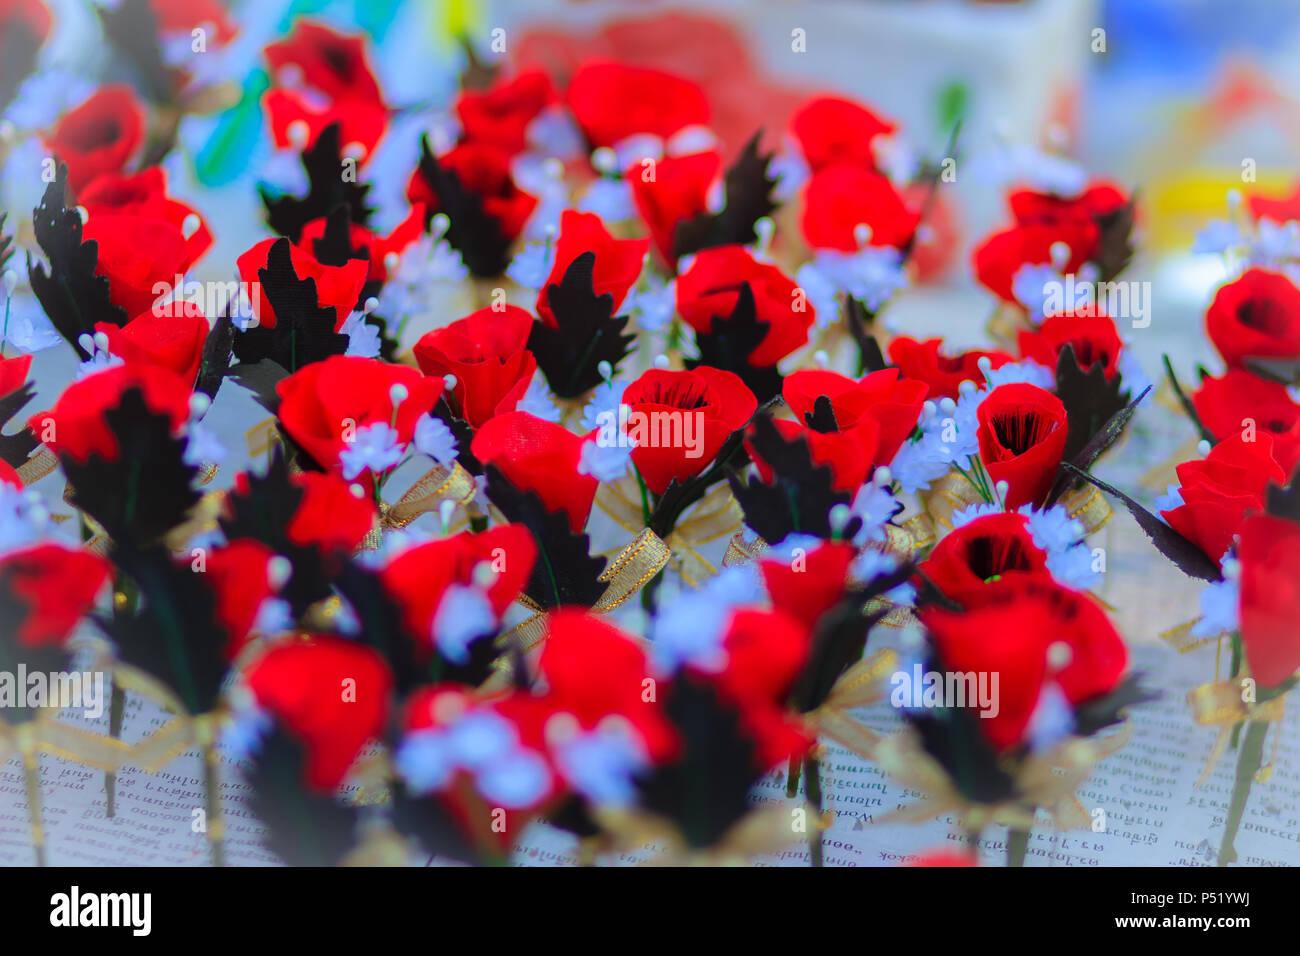 Schne Rote Knstliche Blume Poppy Flower Knstlich Ist Symbol Des